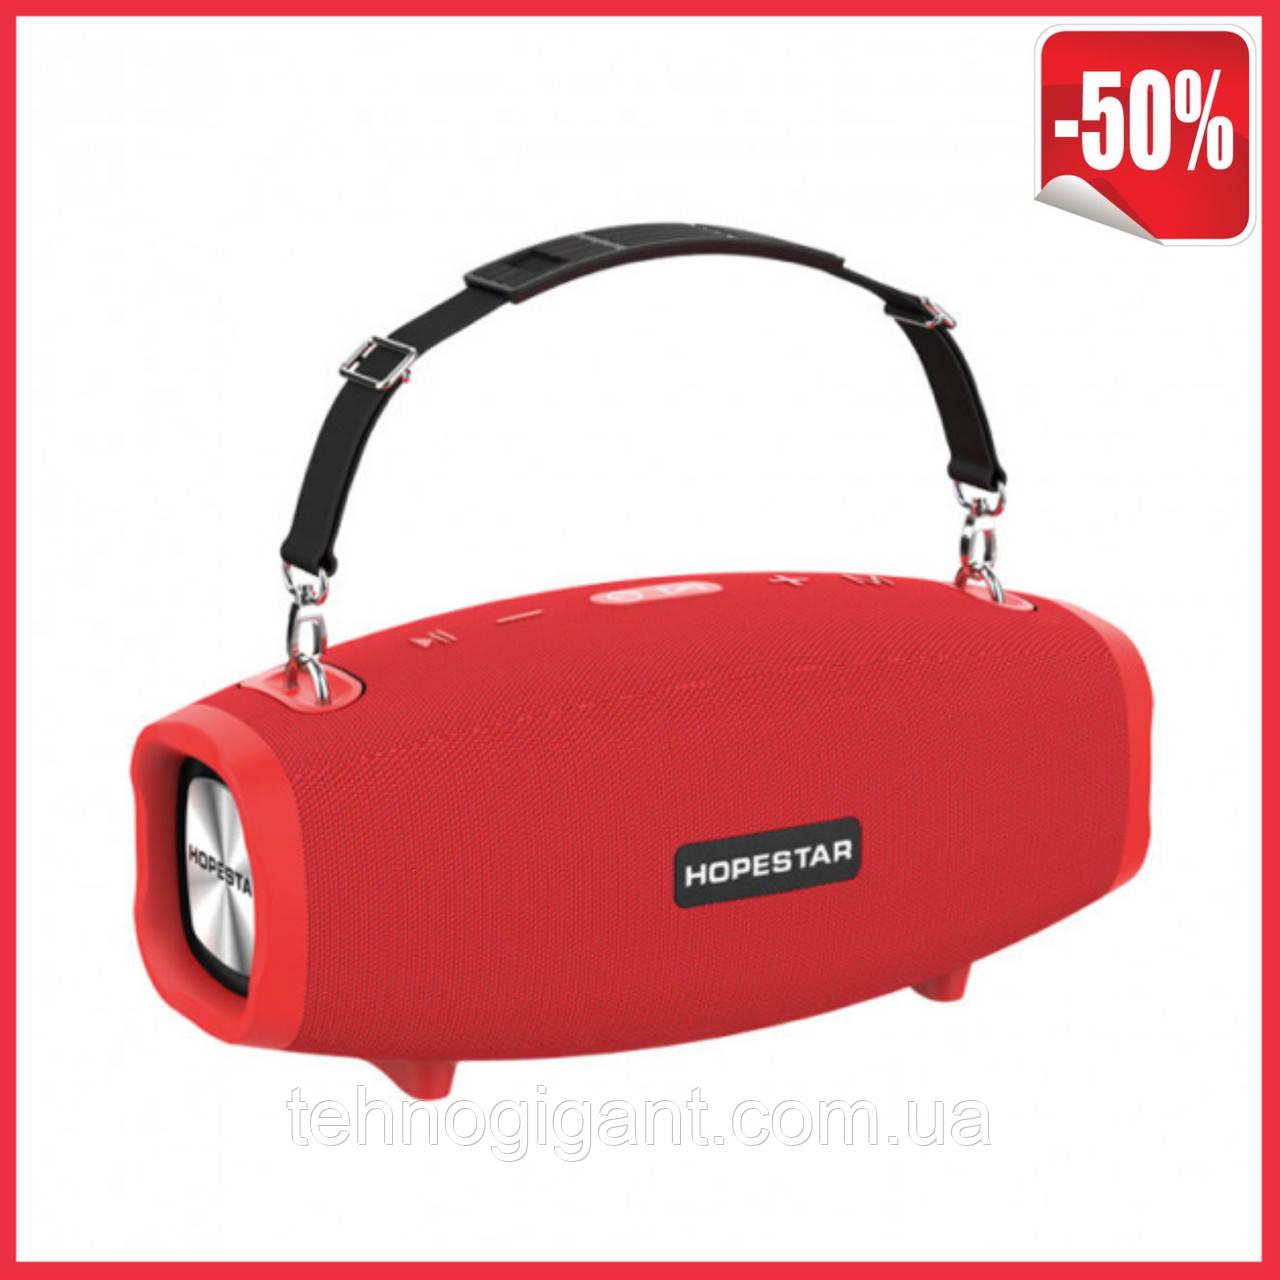 Портативная колонка Hopestar H41, стерео колонка Bluetooth c пыле-влагозащитой, беспроводная Красный